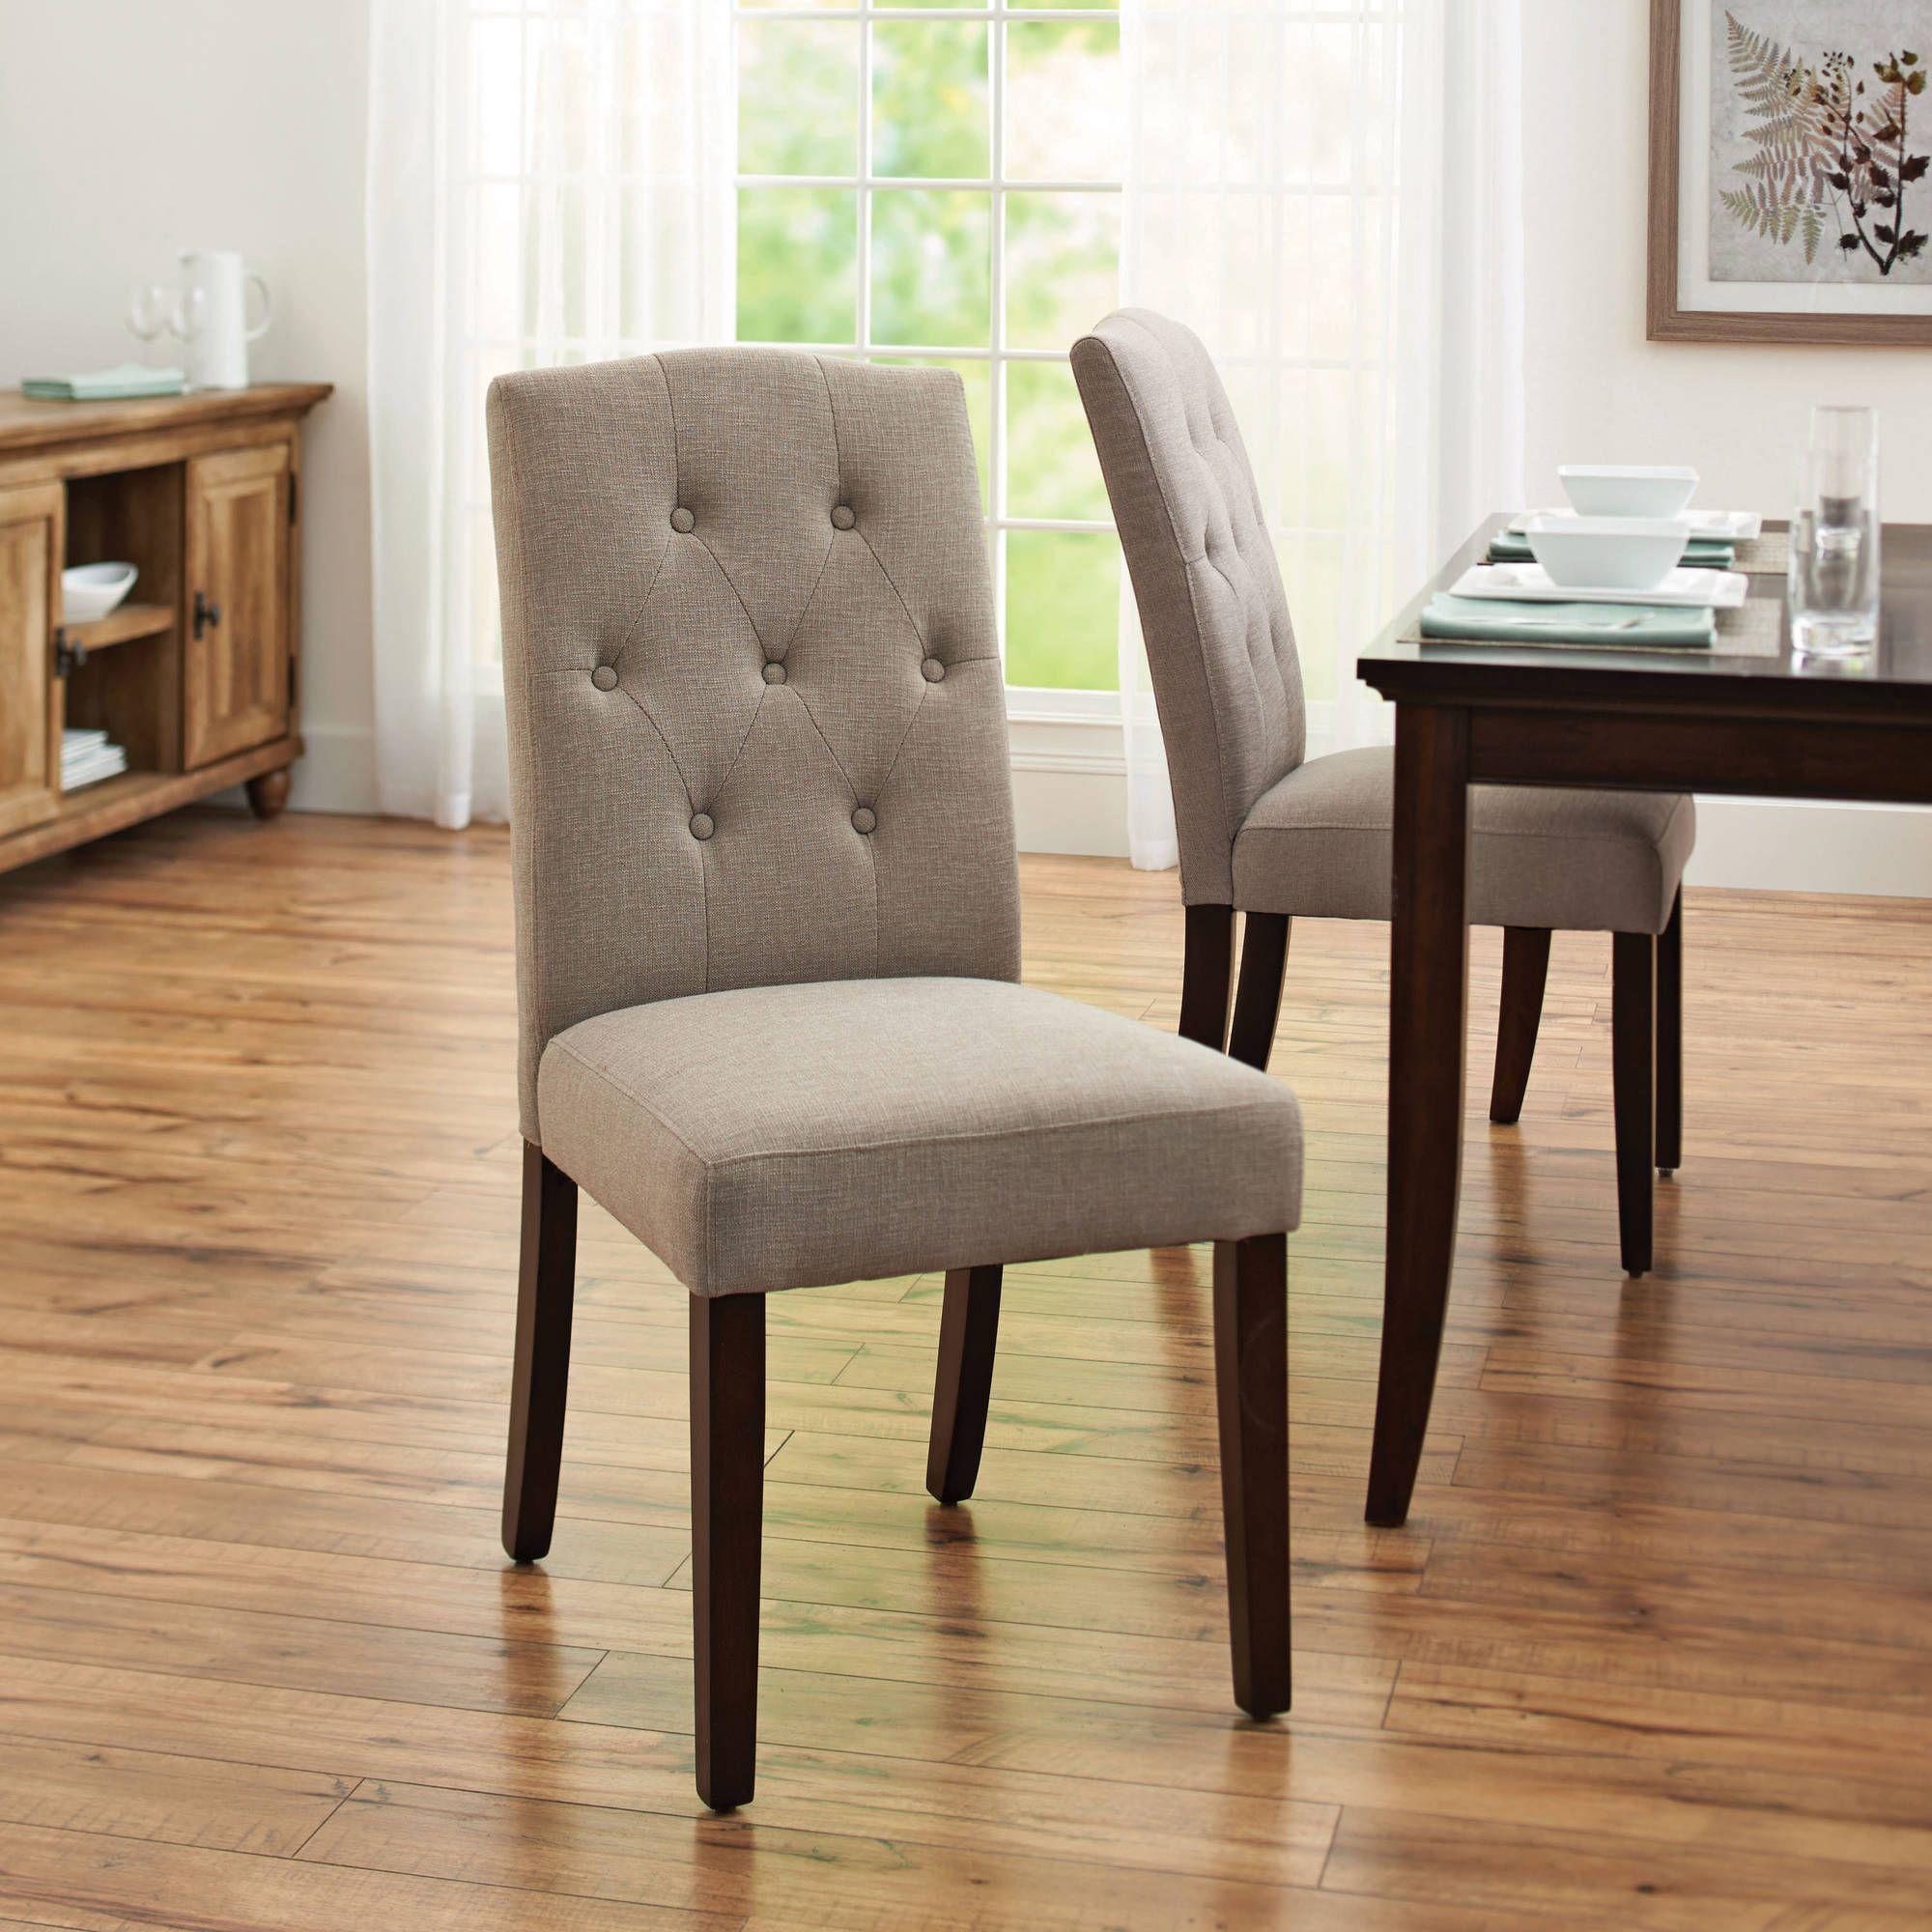 Braun Esszimmer Stuhl | Stühle | Pinterest | Stuhl, Esszimmer und ...